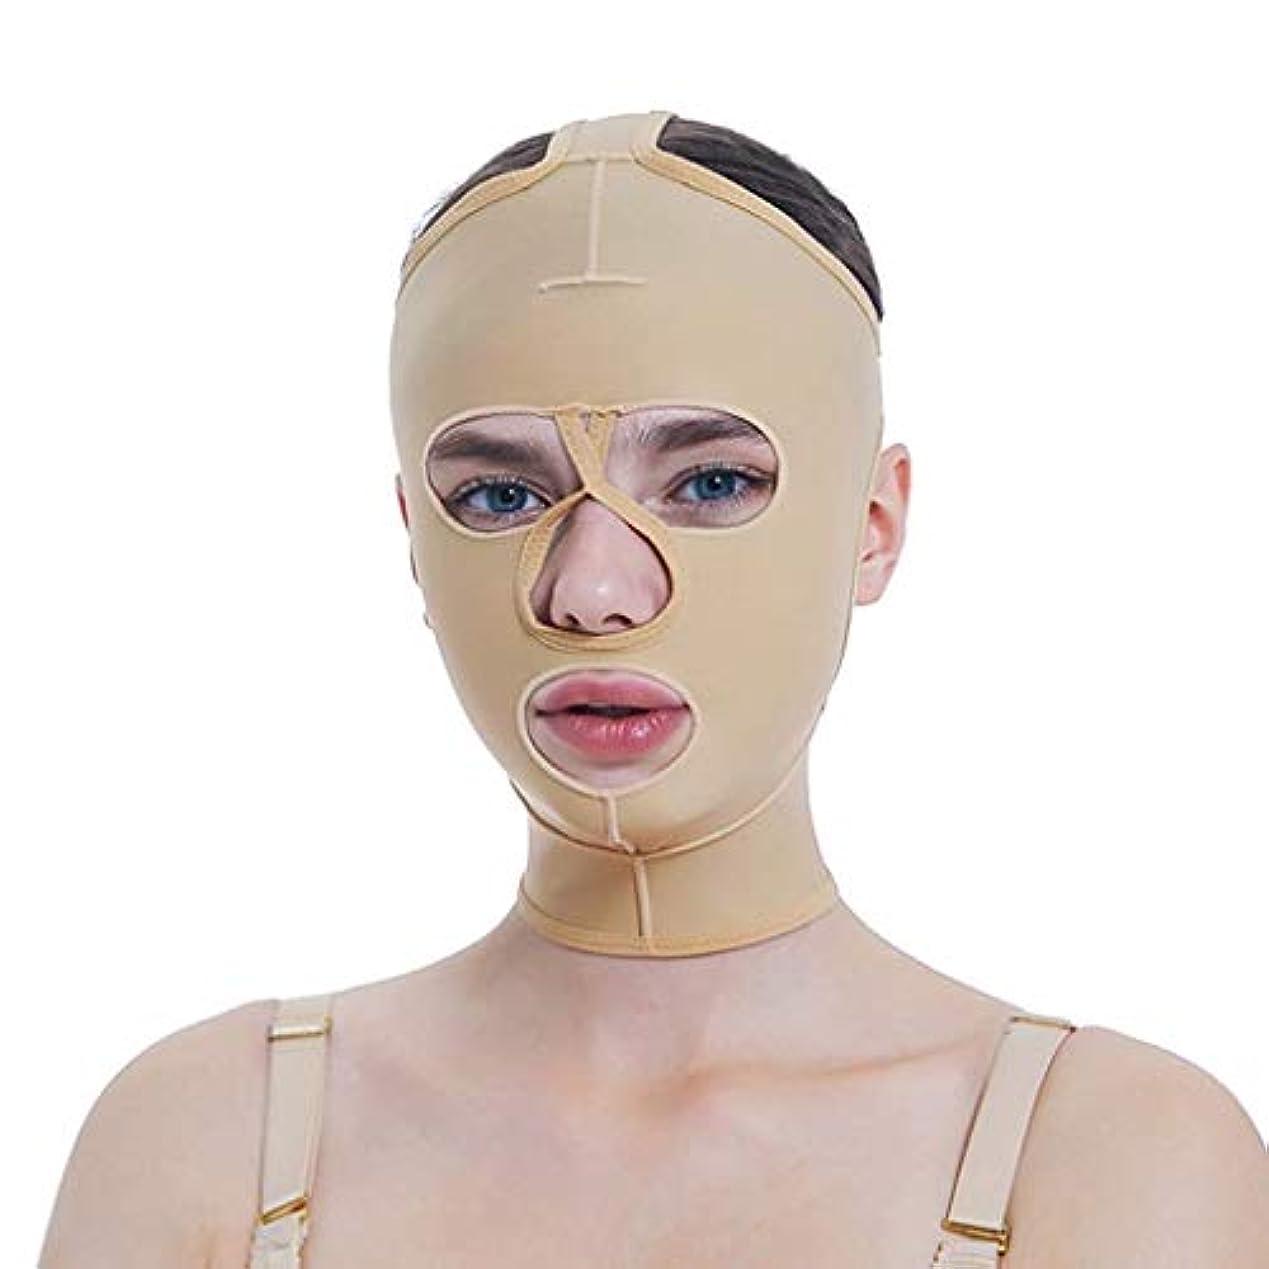 吸う束迷信脂肪吸引術用成形マスク、薄手かつらVフェイスビームフェイス弾性スリーブマルチサイズオプション(サイズ:S)